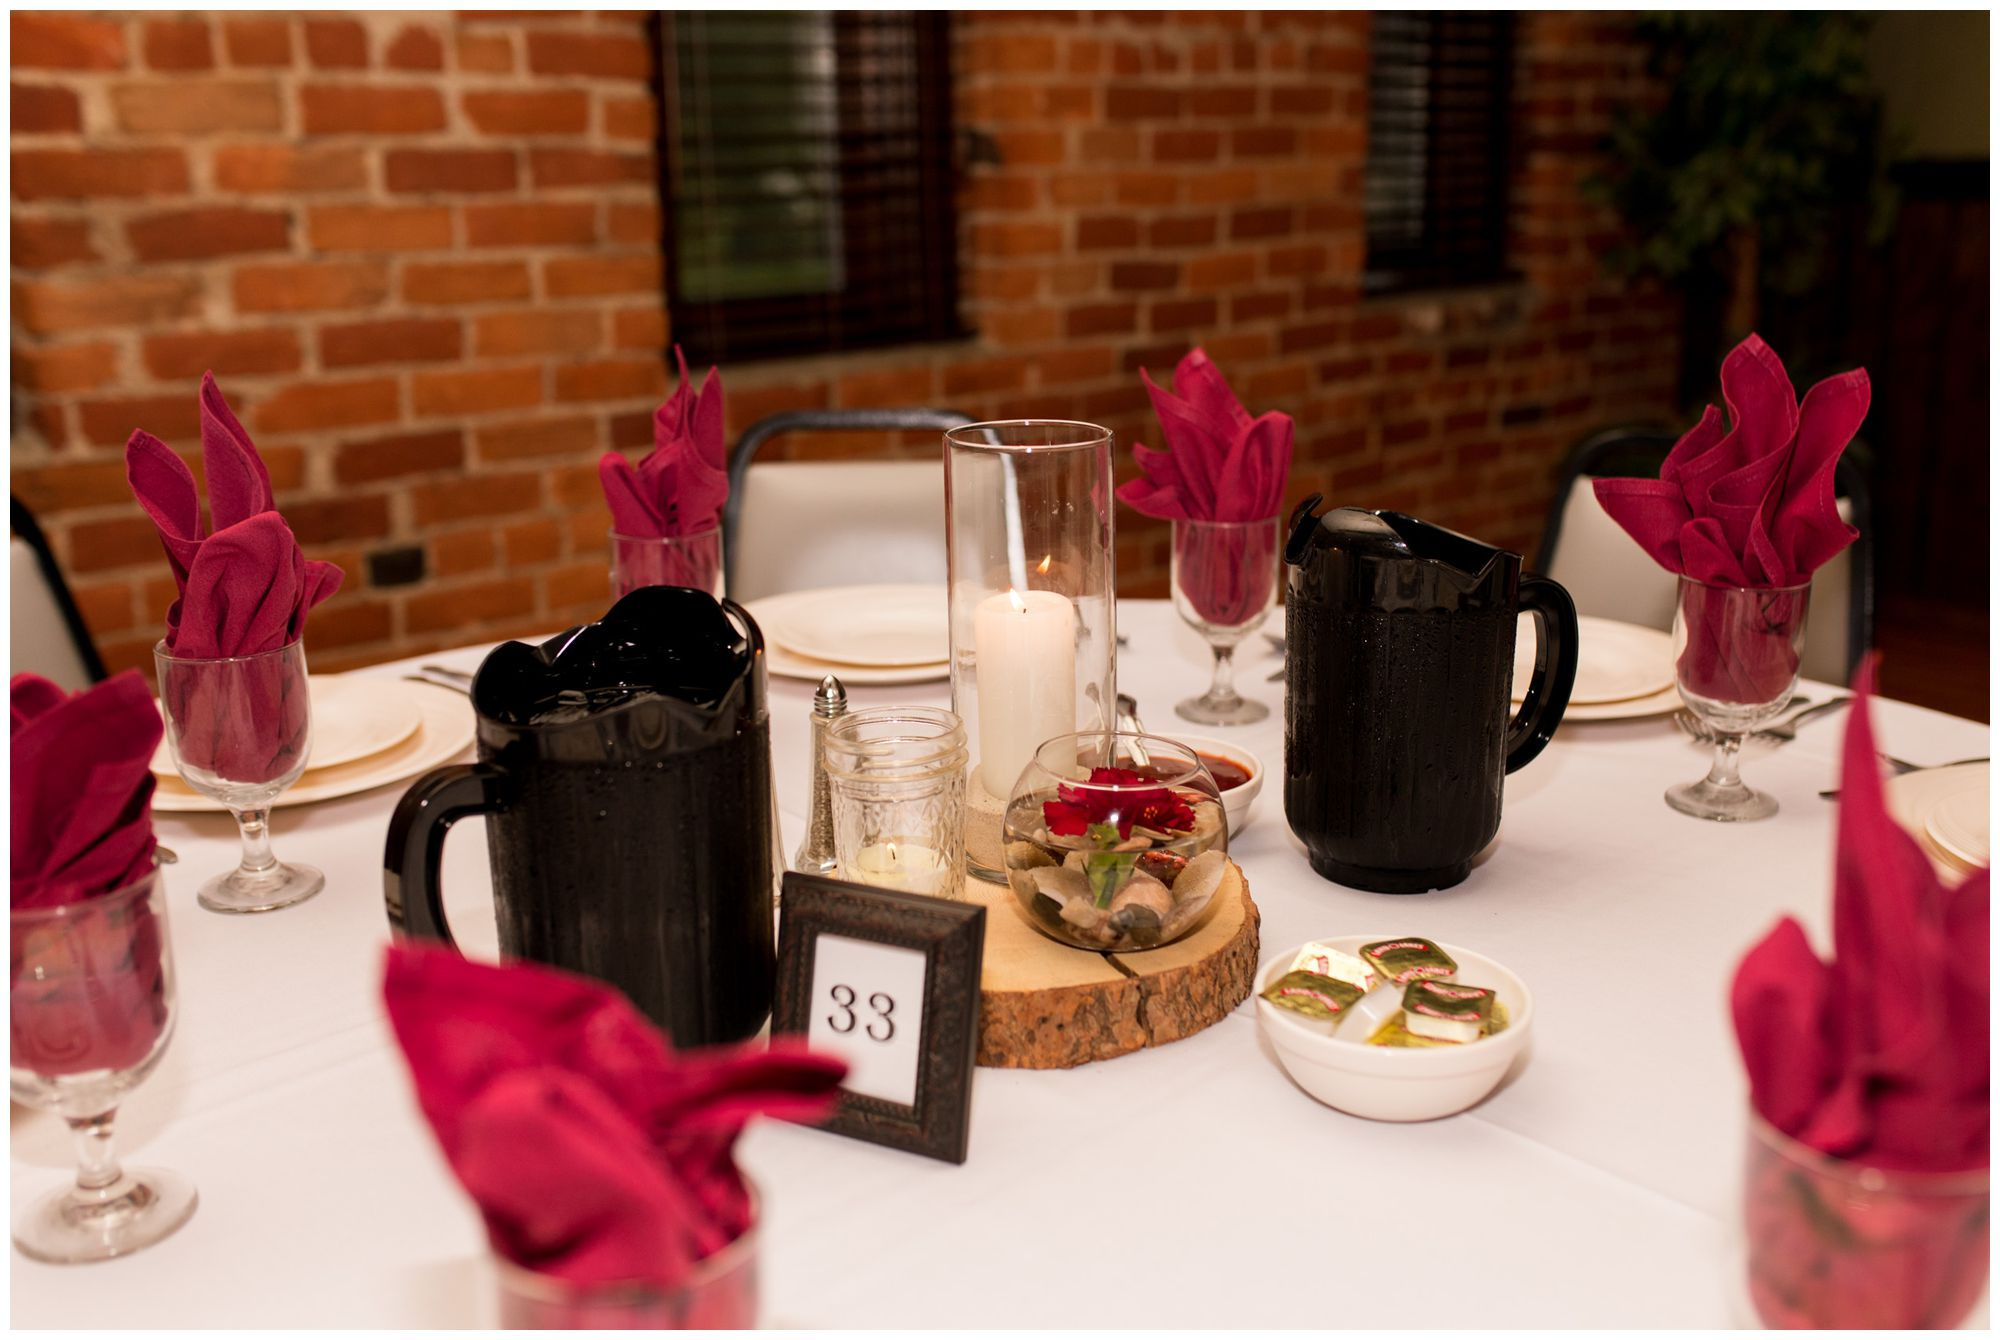 Goeglein Homestead wedding reception table decor